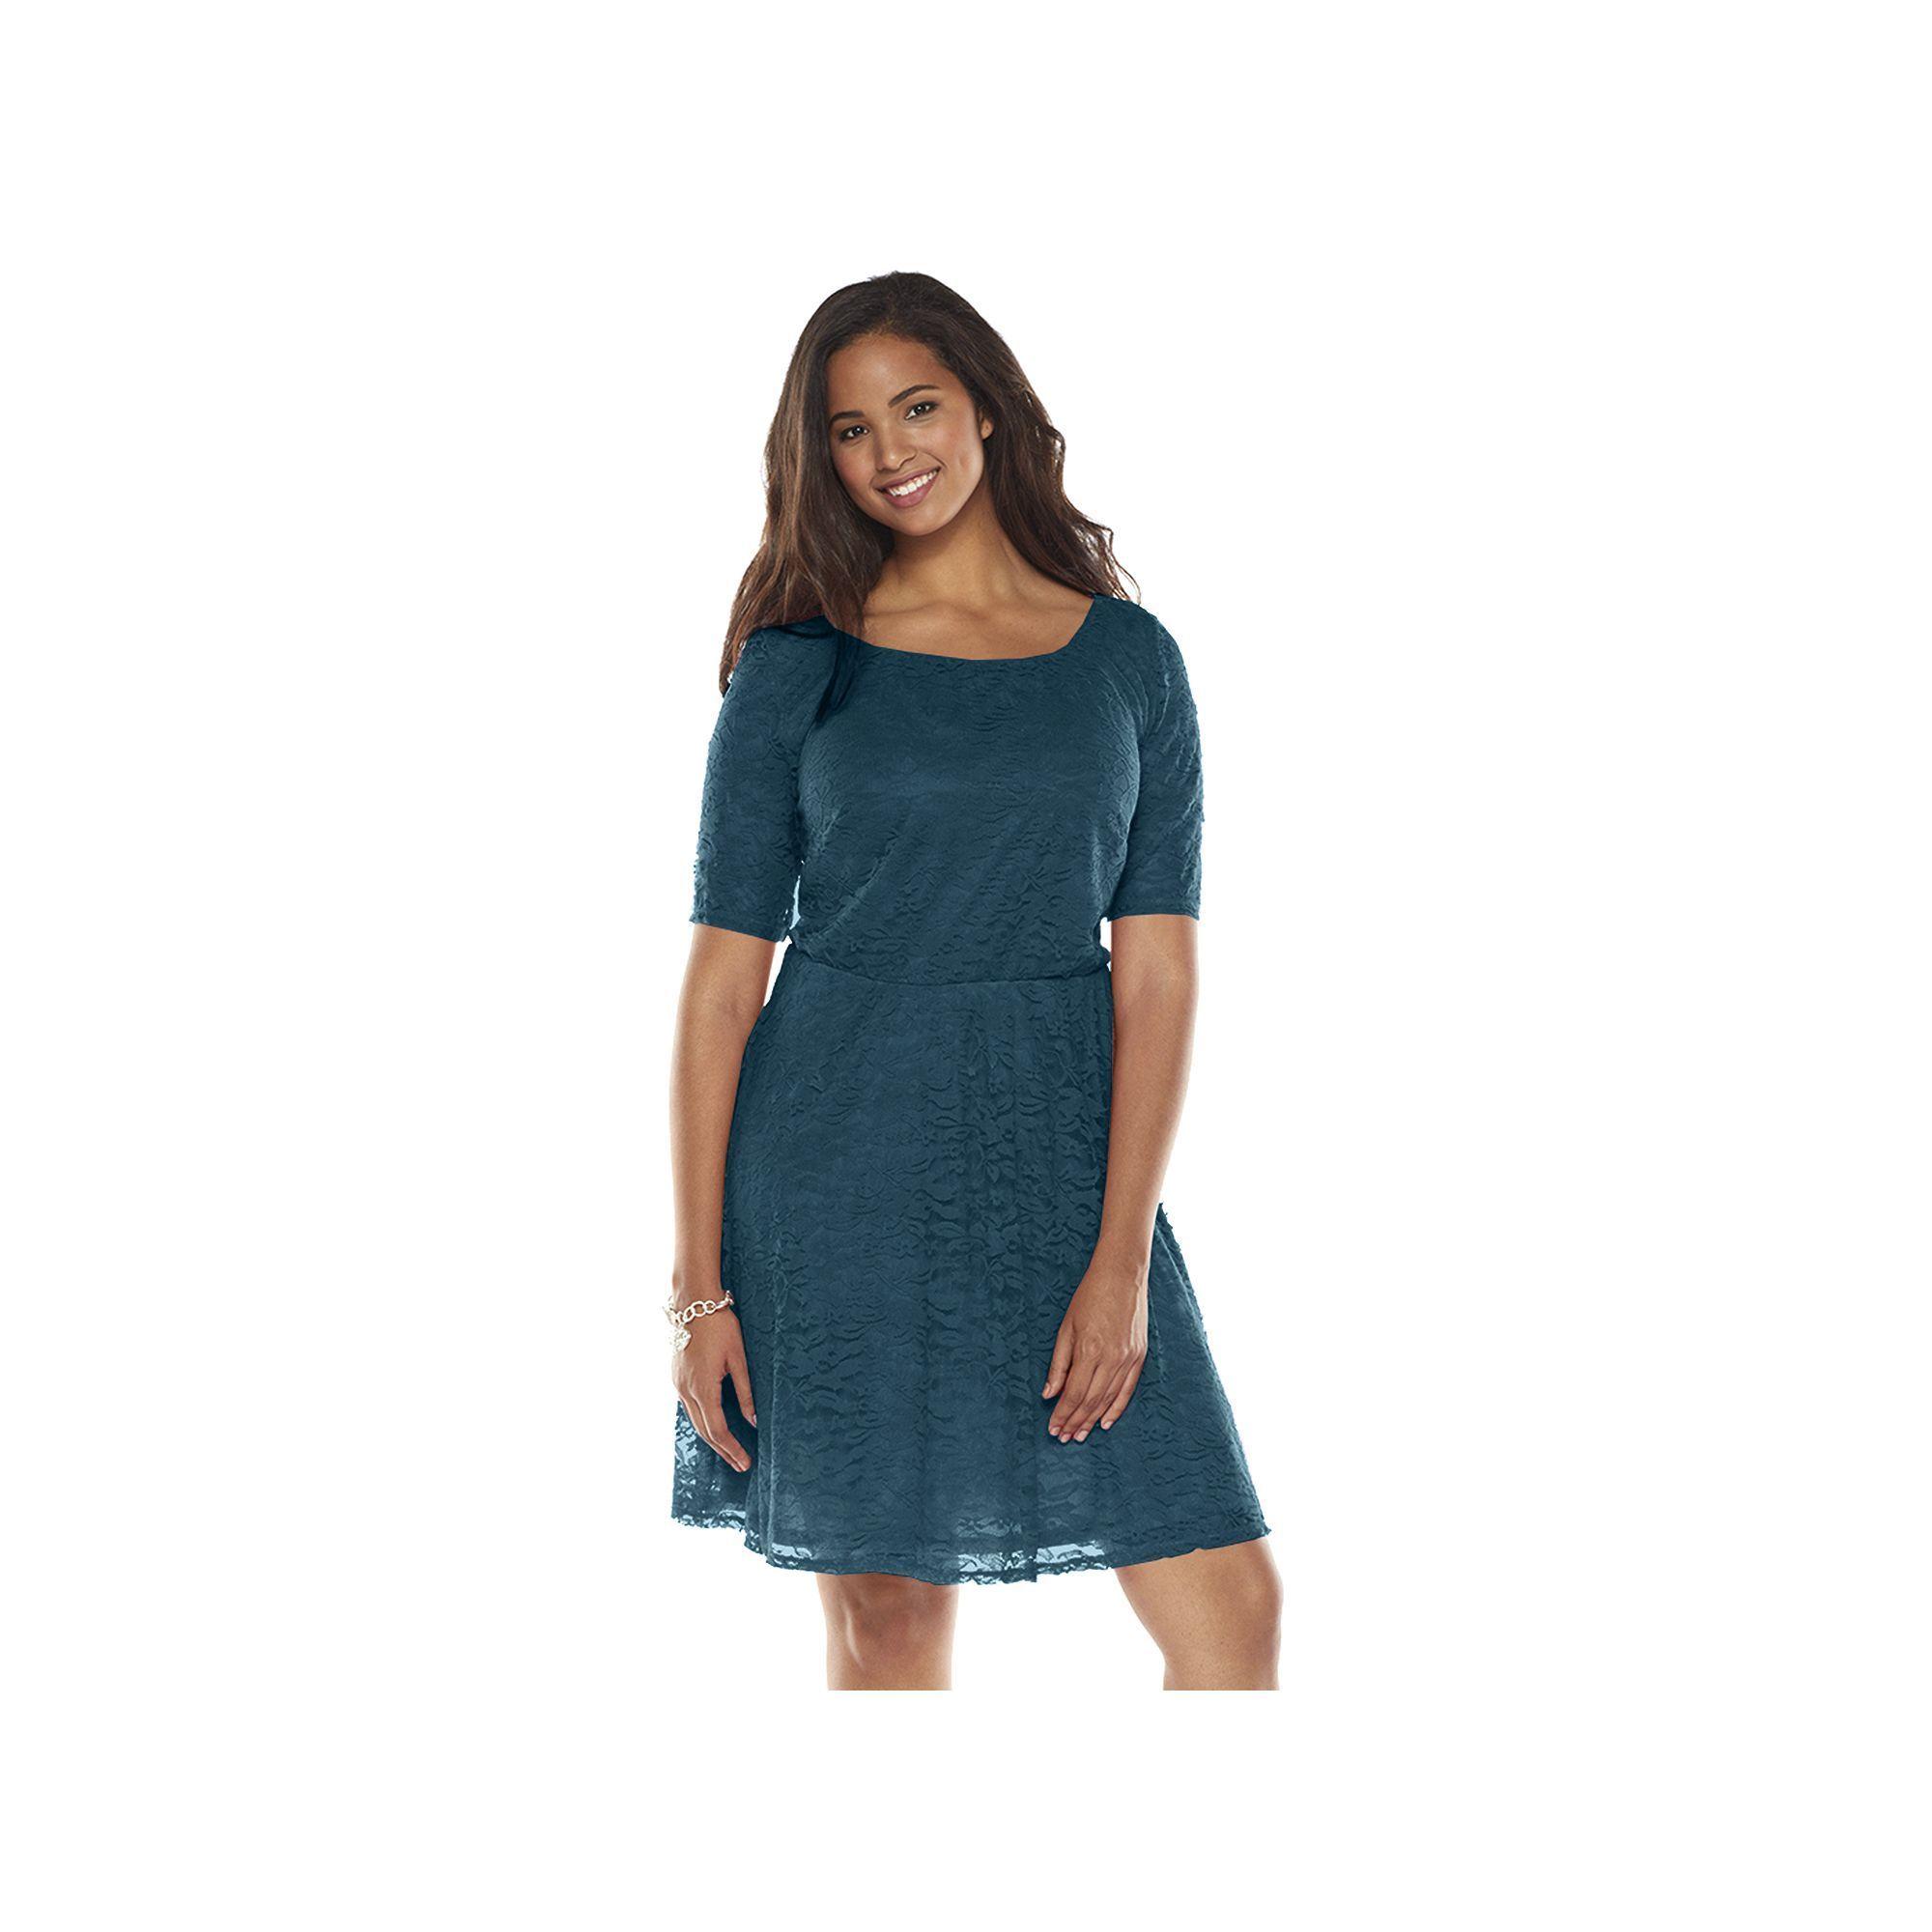 Lace dress pink  Juniorsu Plus Size Wrapper Lace ALine Dress Teens Size XL Brt